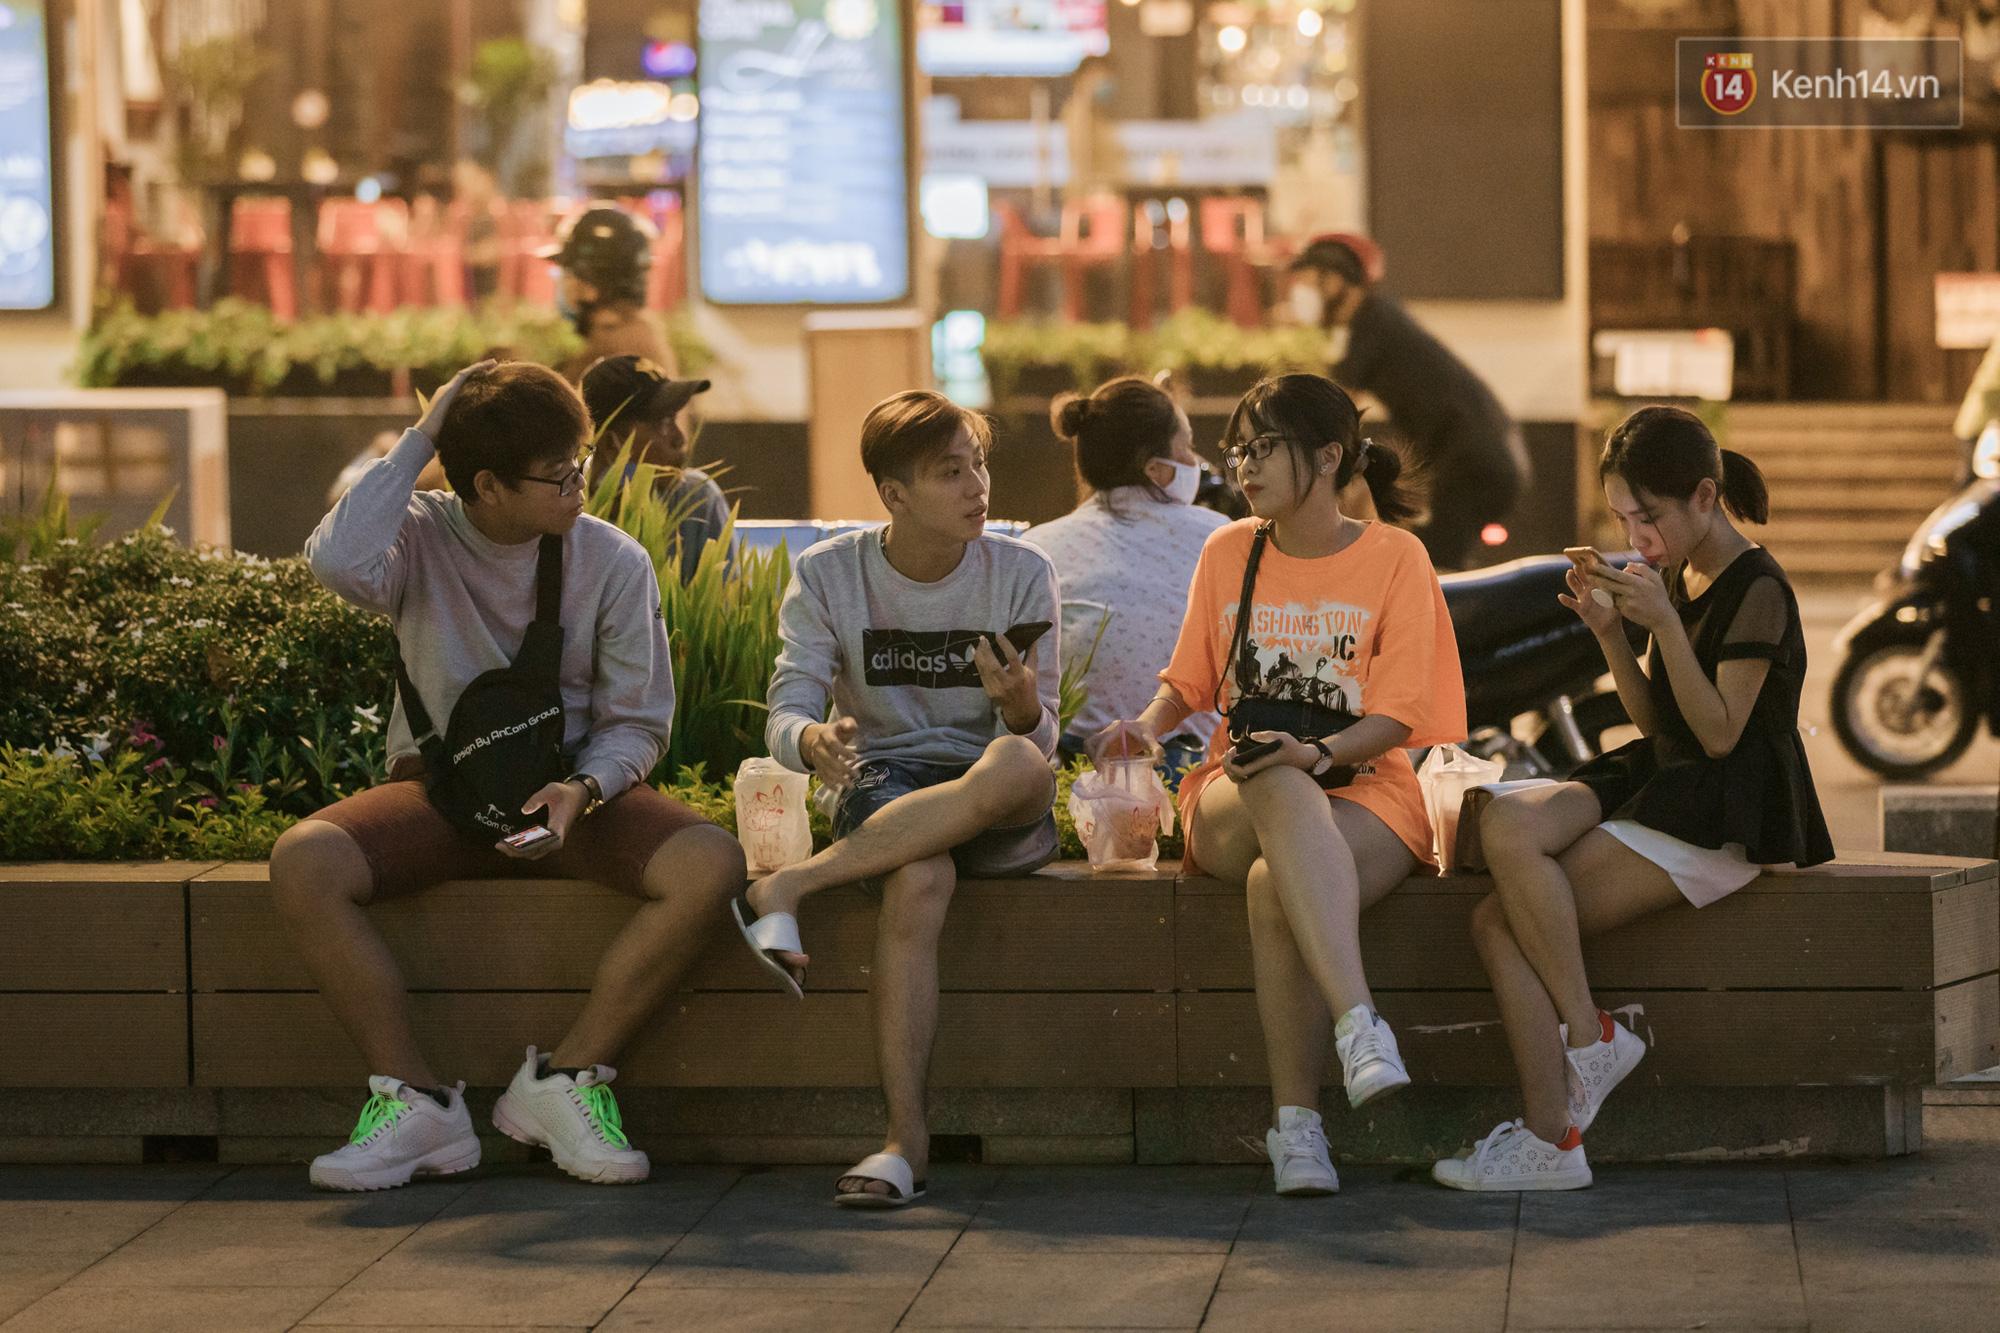 """Sài Gòn nhộn nhịp trong buổi tối nghỉ lễ đầu tiên: Khu vực trung tâm dần trở nên đông đúc, nhiều người lo sợ vẫn kè kè"""" chiếc khẩu trang bên mình-7"""